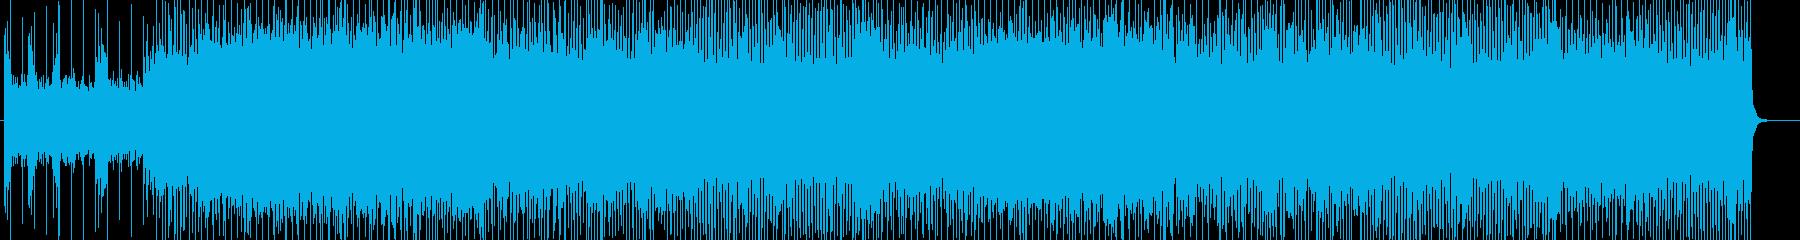 「HEAVY METAL」BGM134の再生済みの波形